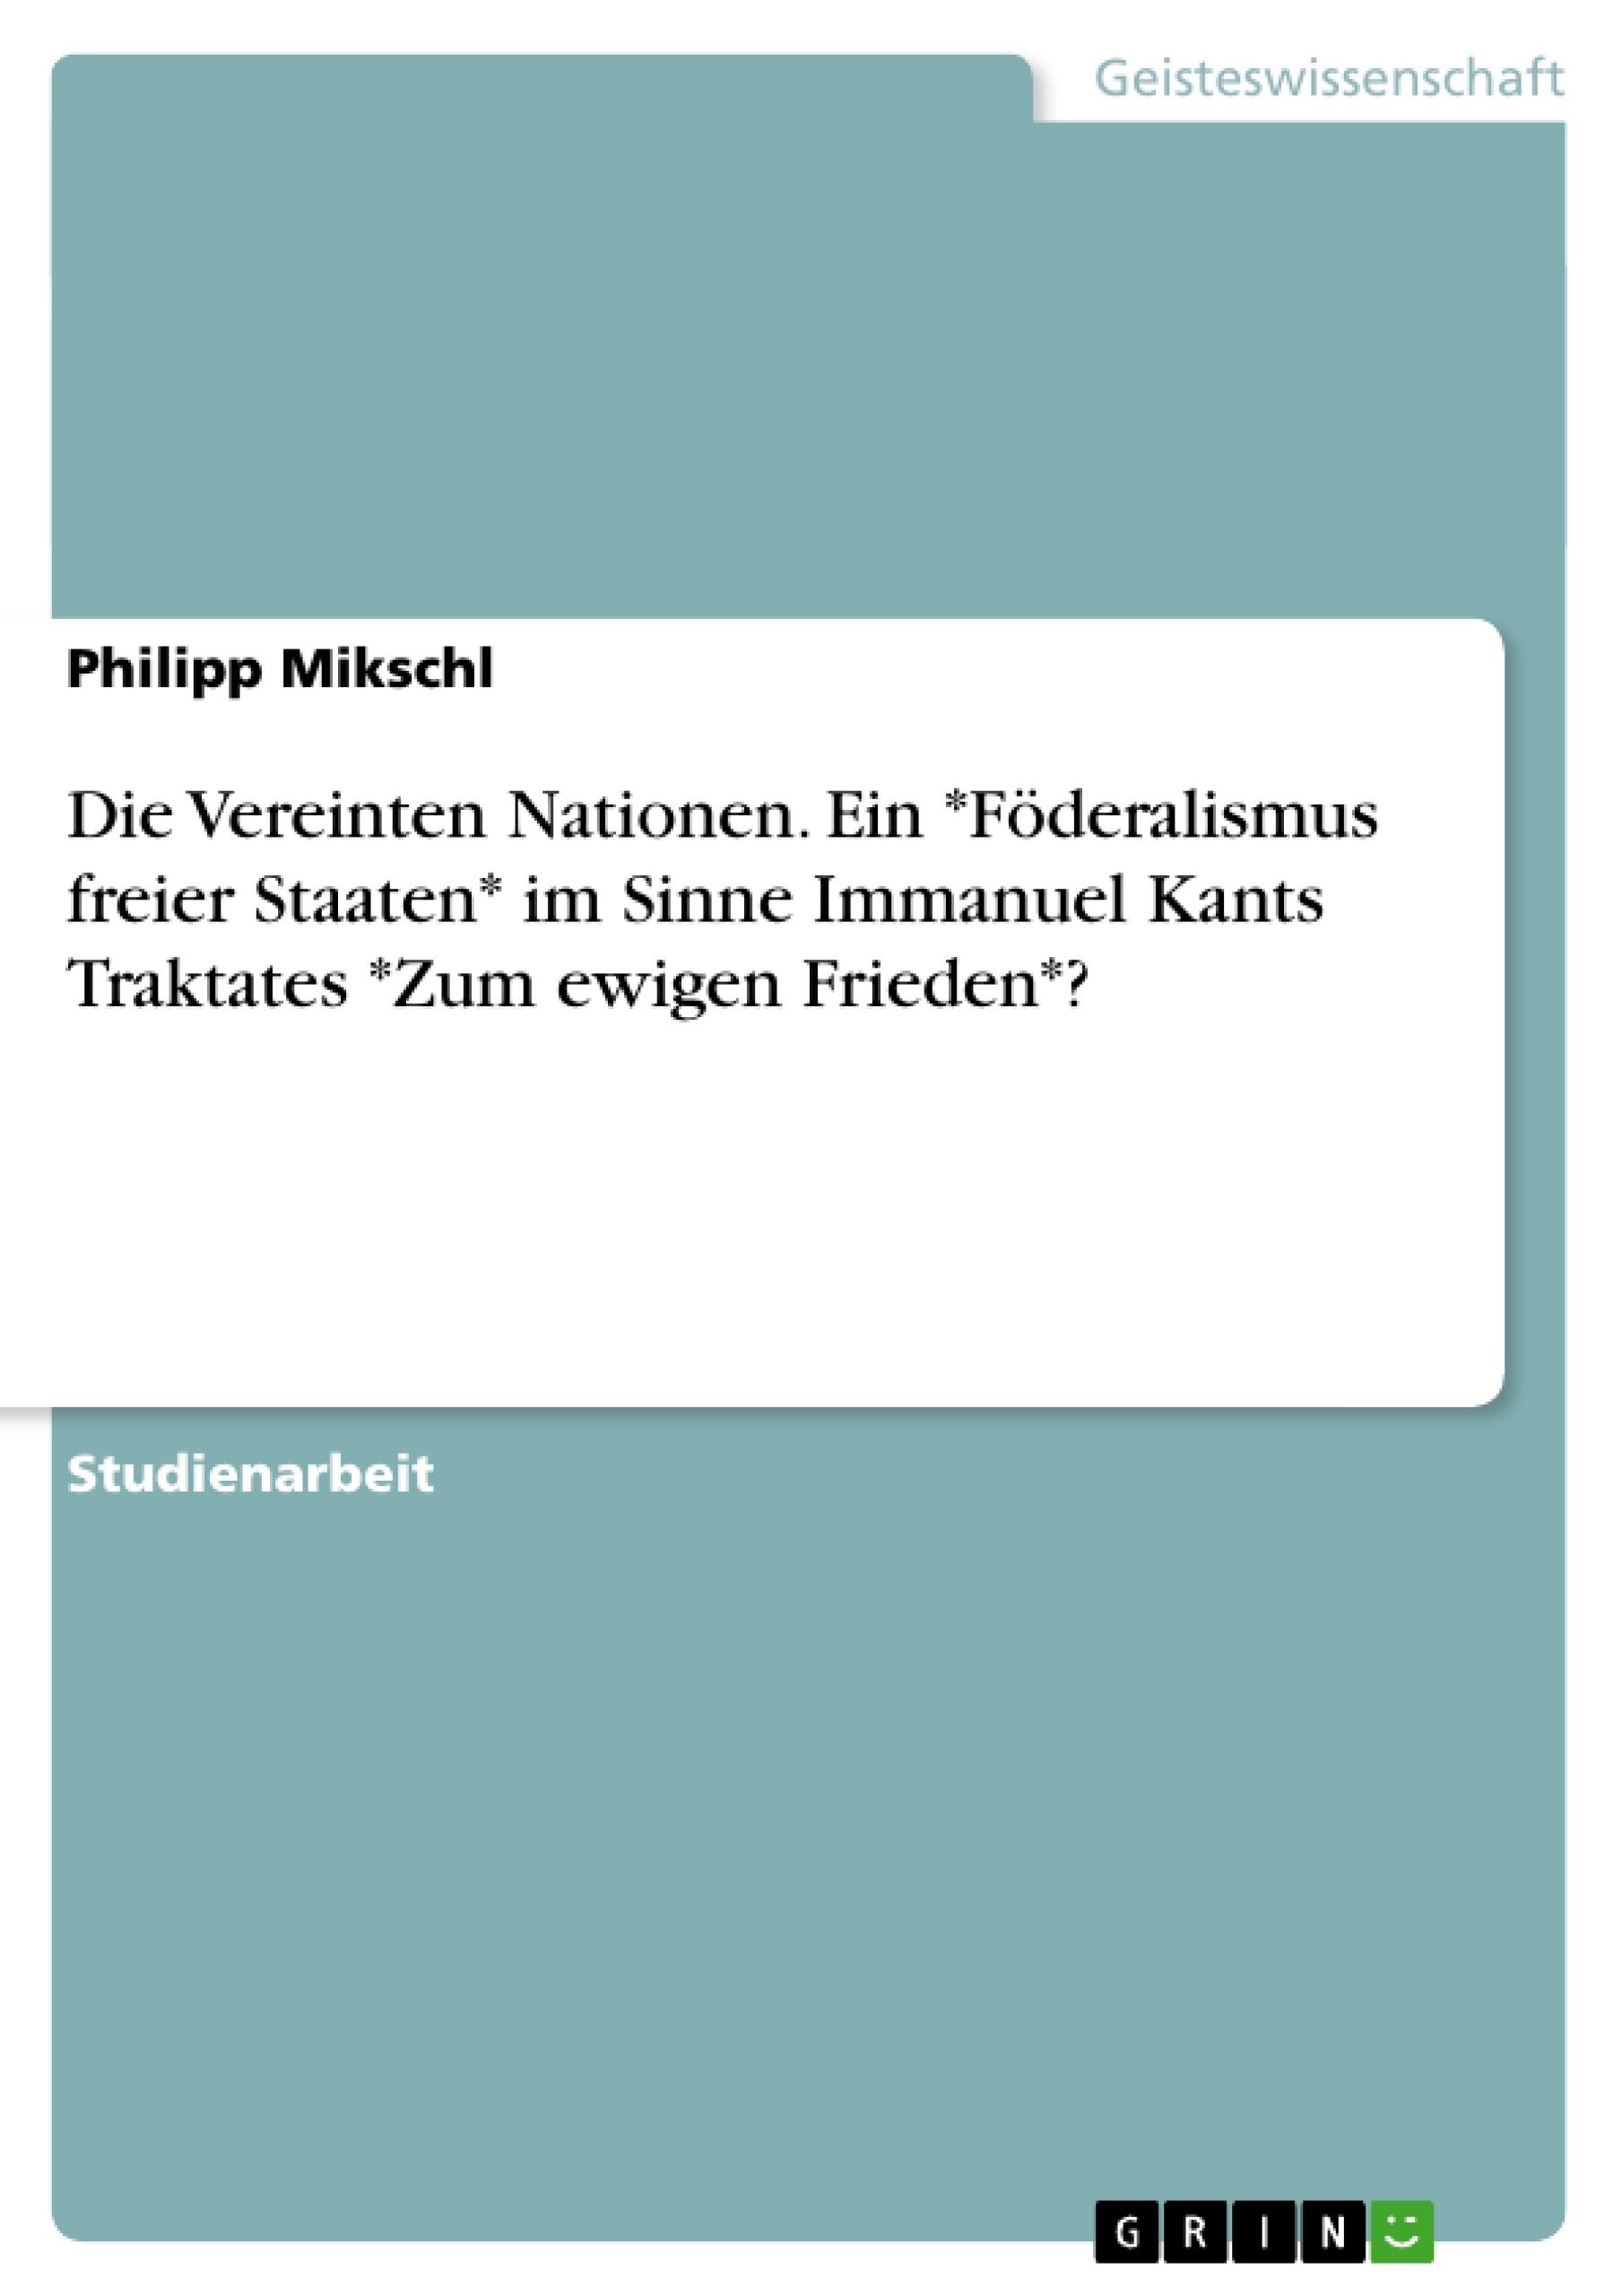 Titel: Die Vereinten Nationen. Ein *Föderalismus freier Staaten* im Sinne Immanuel Kants Traktates *Zum ewigen Frieden*?